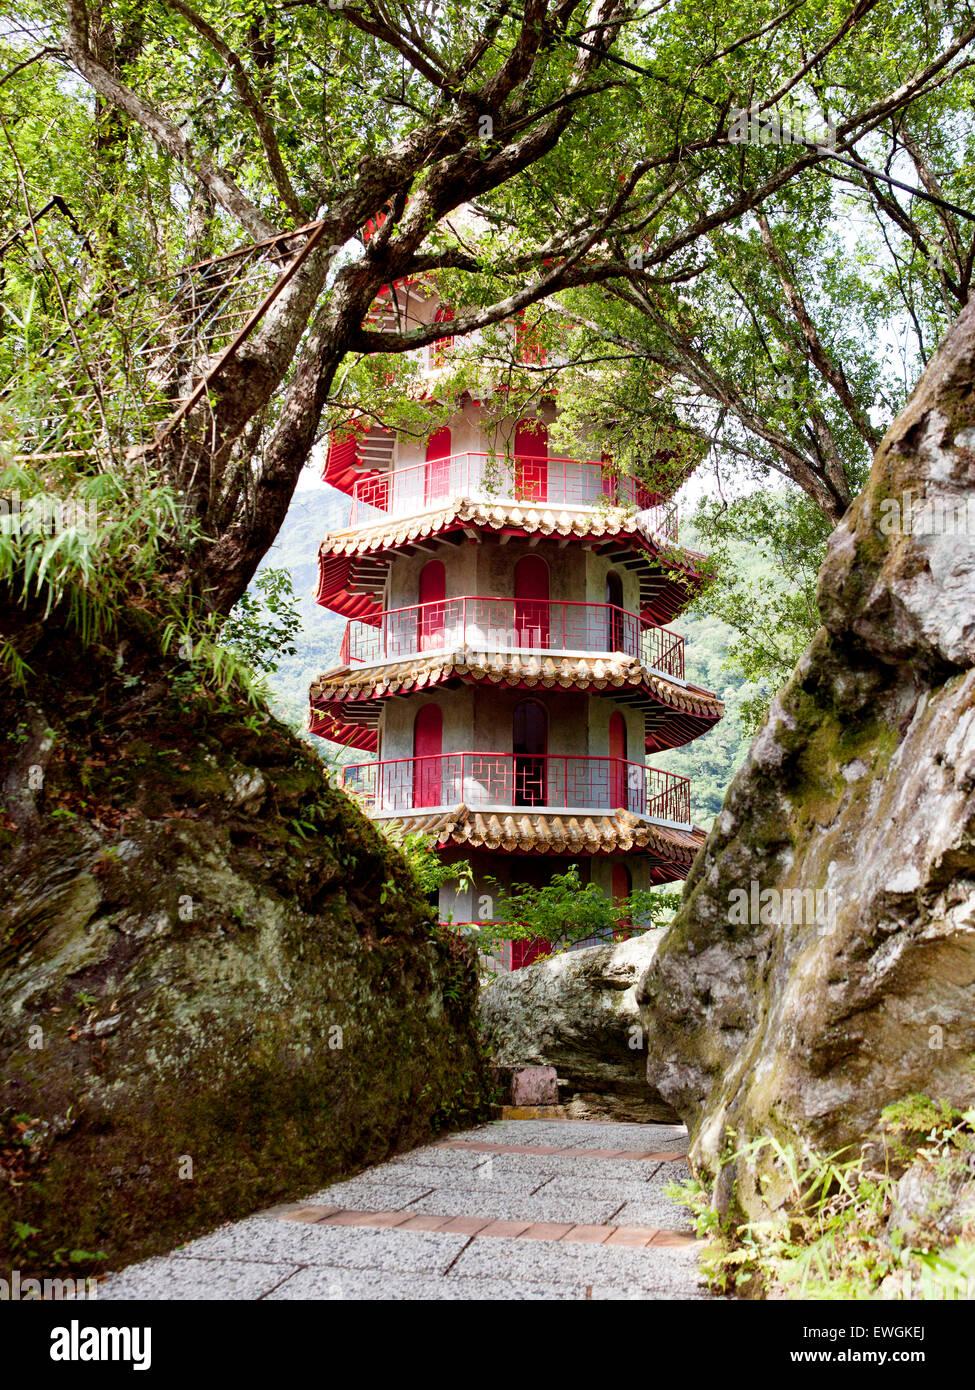 Hsiang-te (Tienhsiang ) Pagoda. El cañón de Taroko. Taiwán. Imagen De Stock